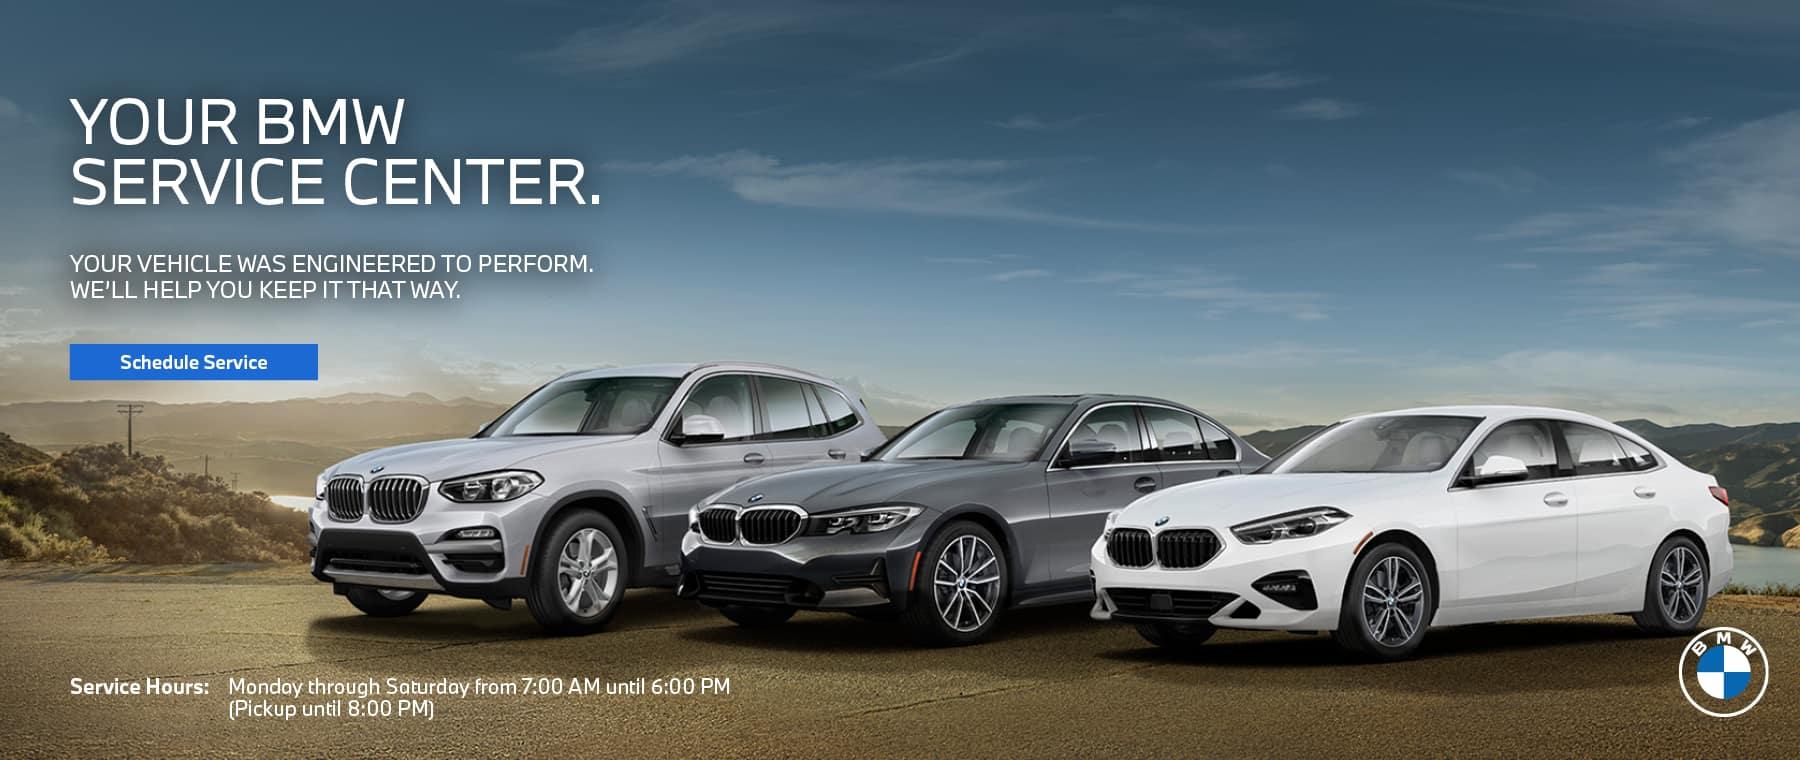 BMW.Service.Slider.1800×760